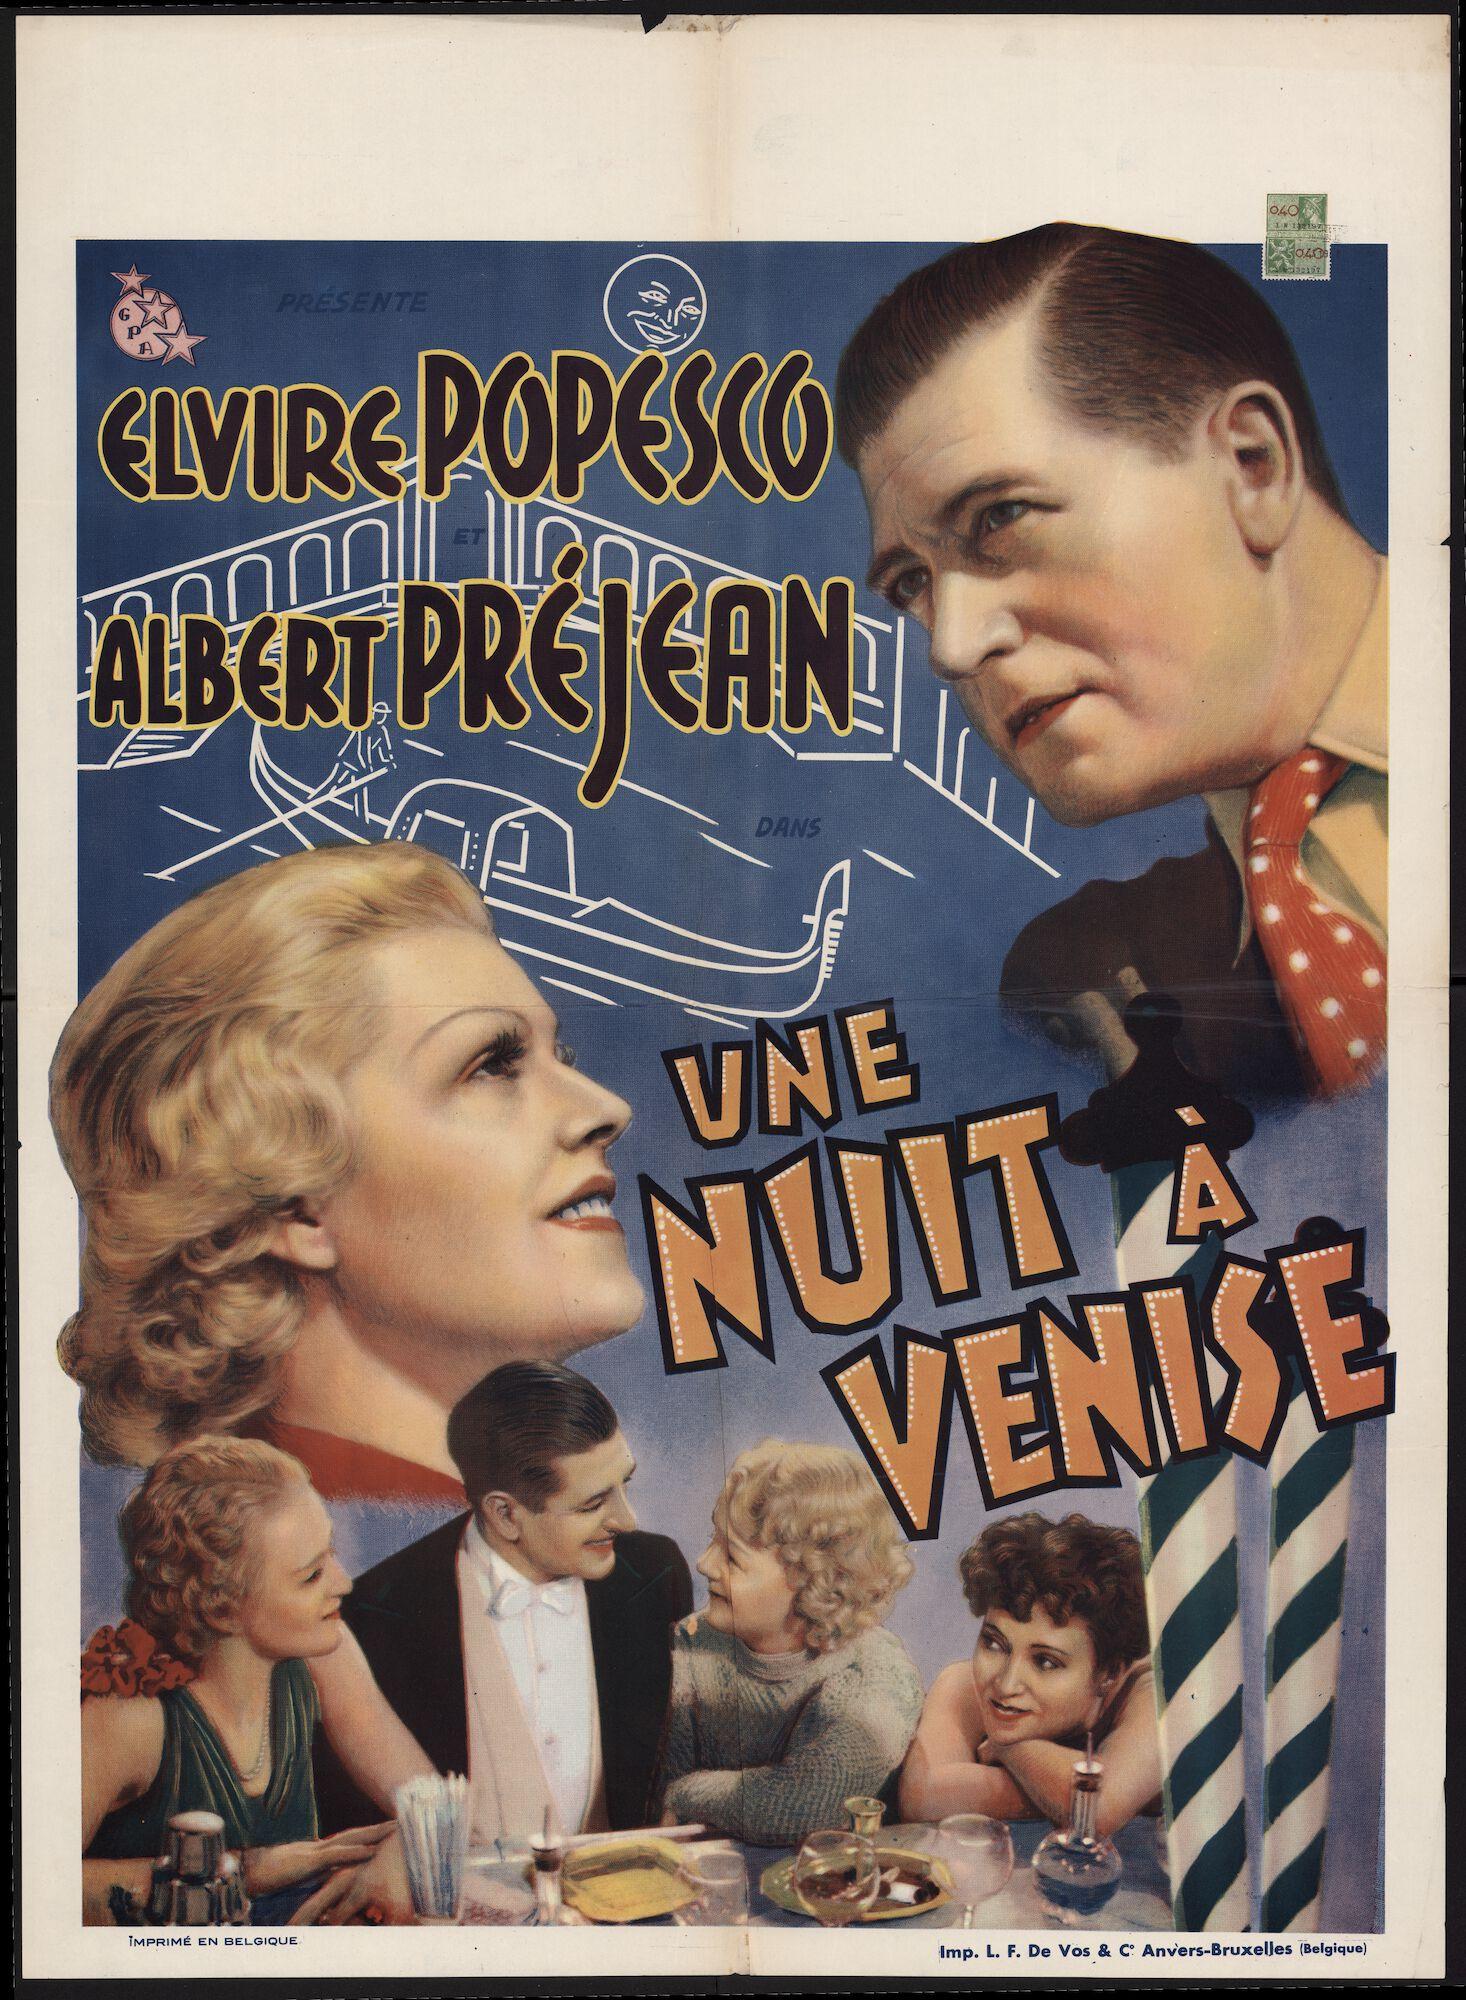 Une nuit à Venise, Gent, april 1940